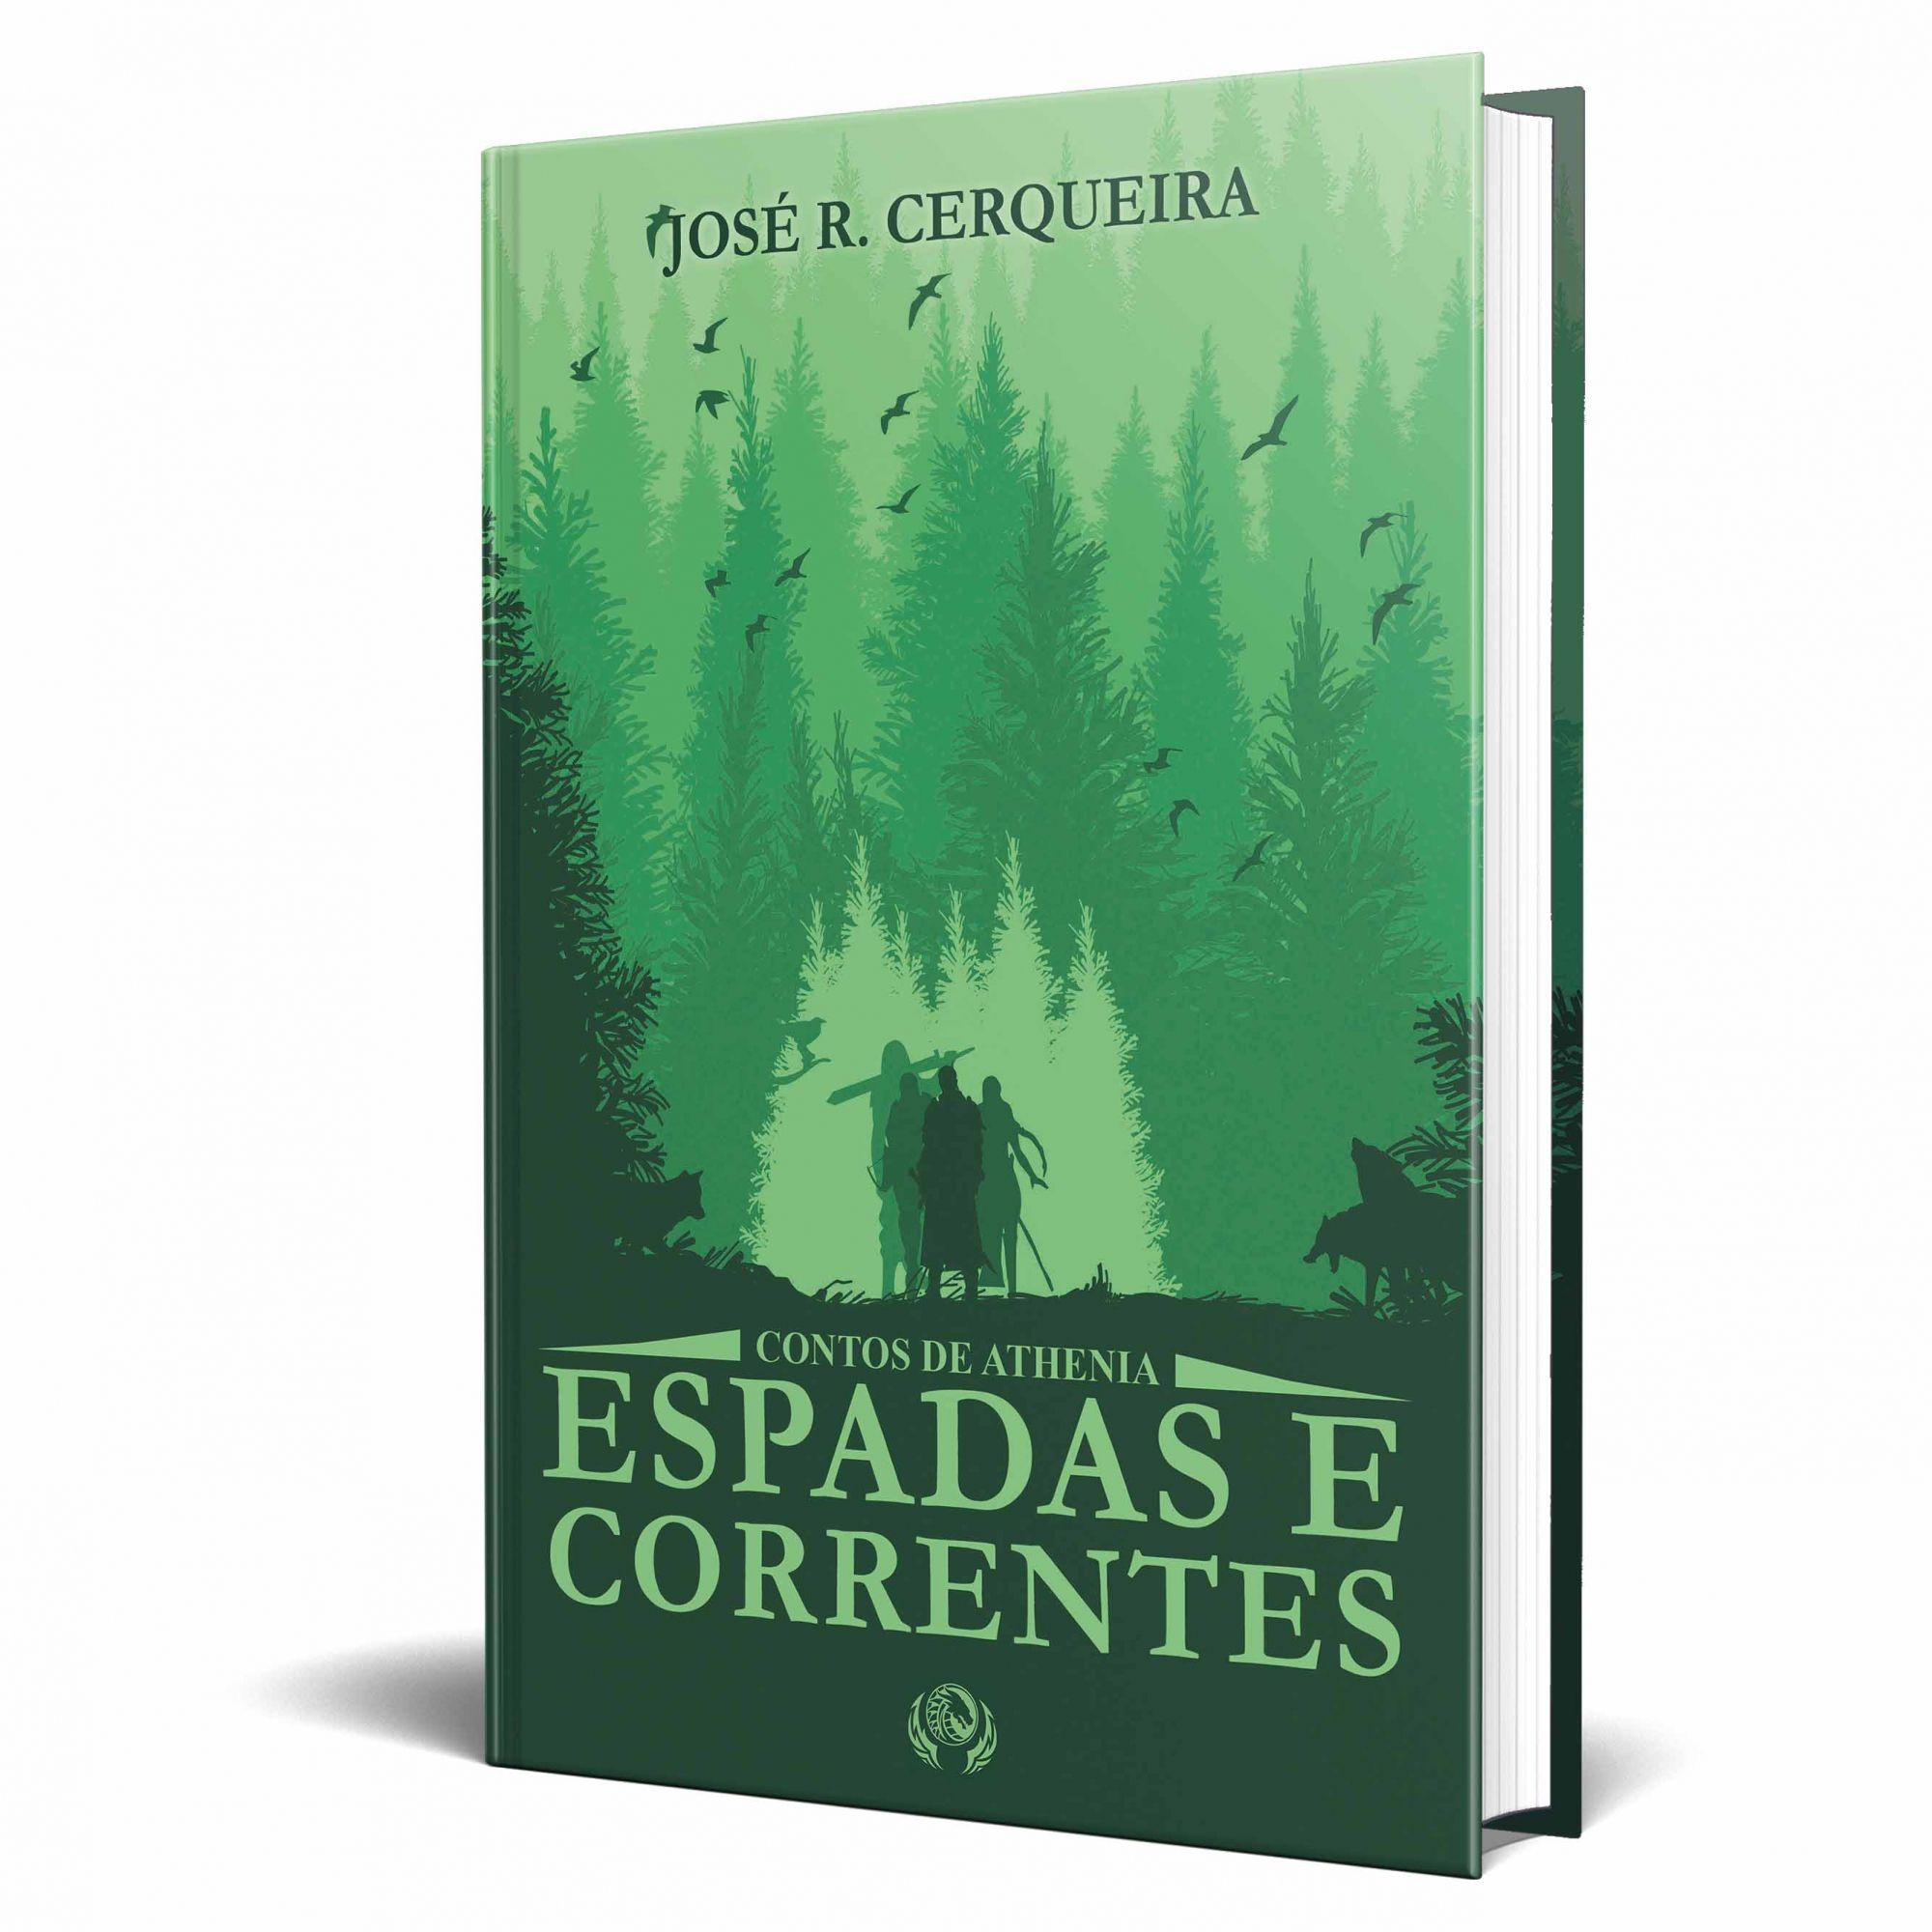 Livro Contos de Athenia - Espadas e Correntes